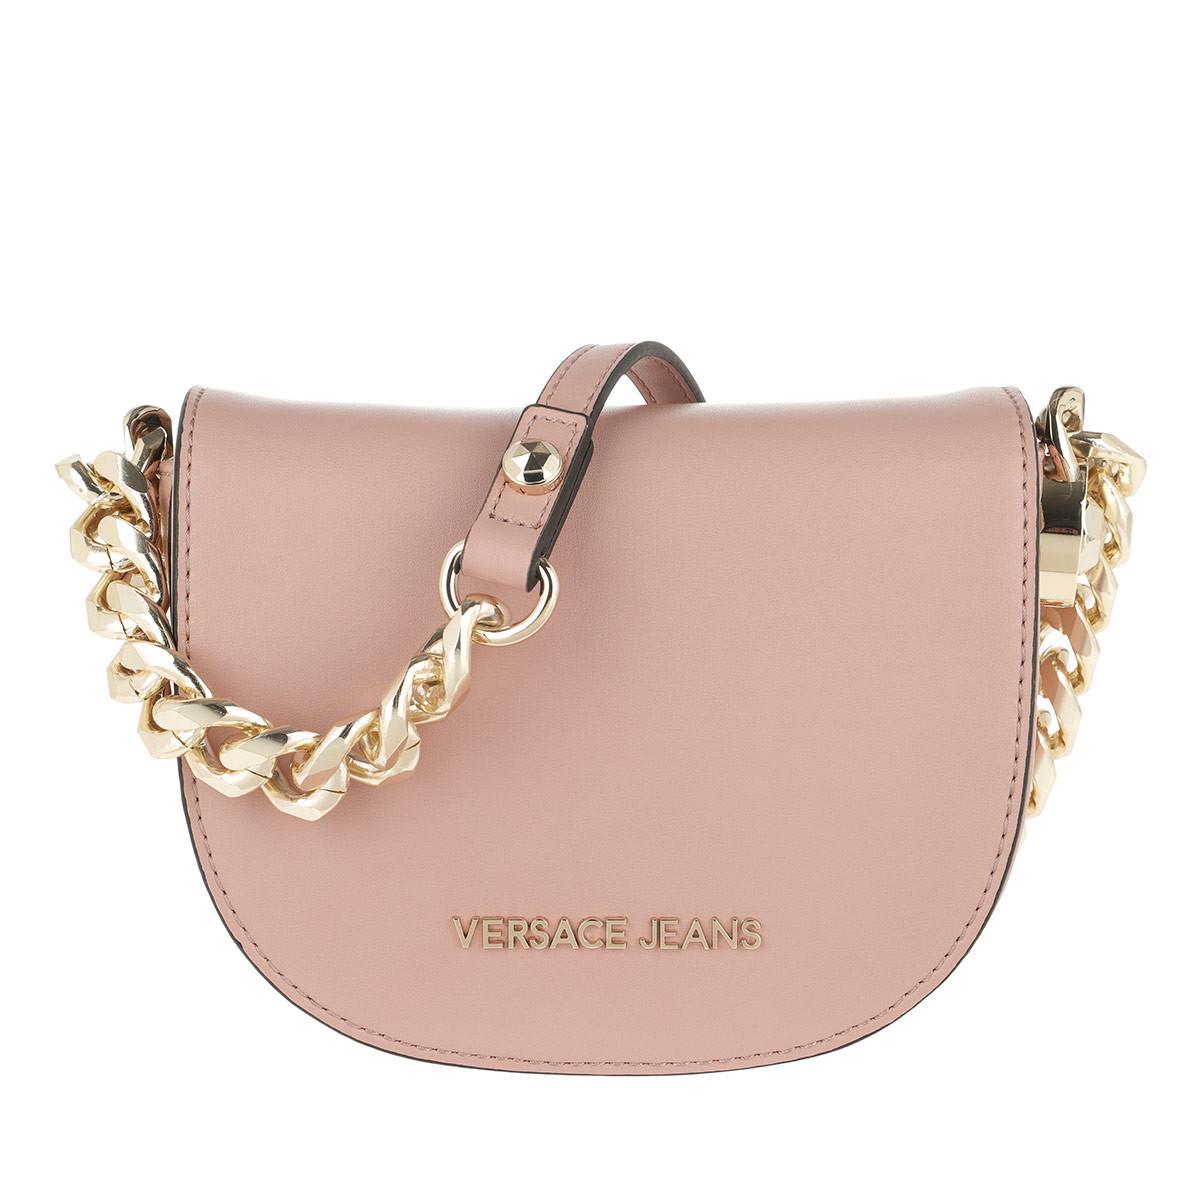 5b0522d4e Versace Jeans - Chain Shoulder Bag Light Pink - Lyst. View fullscreen